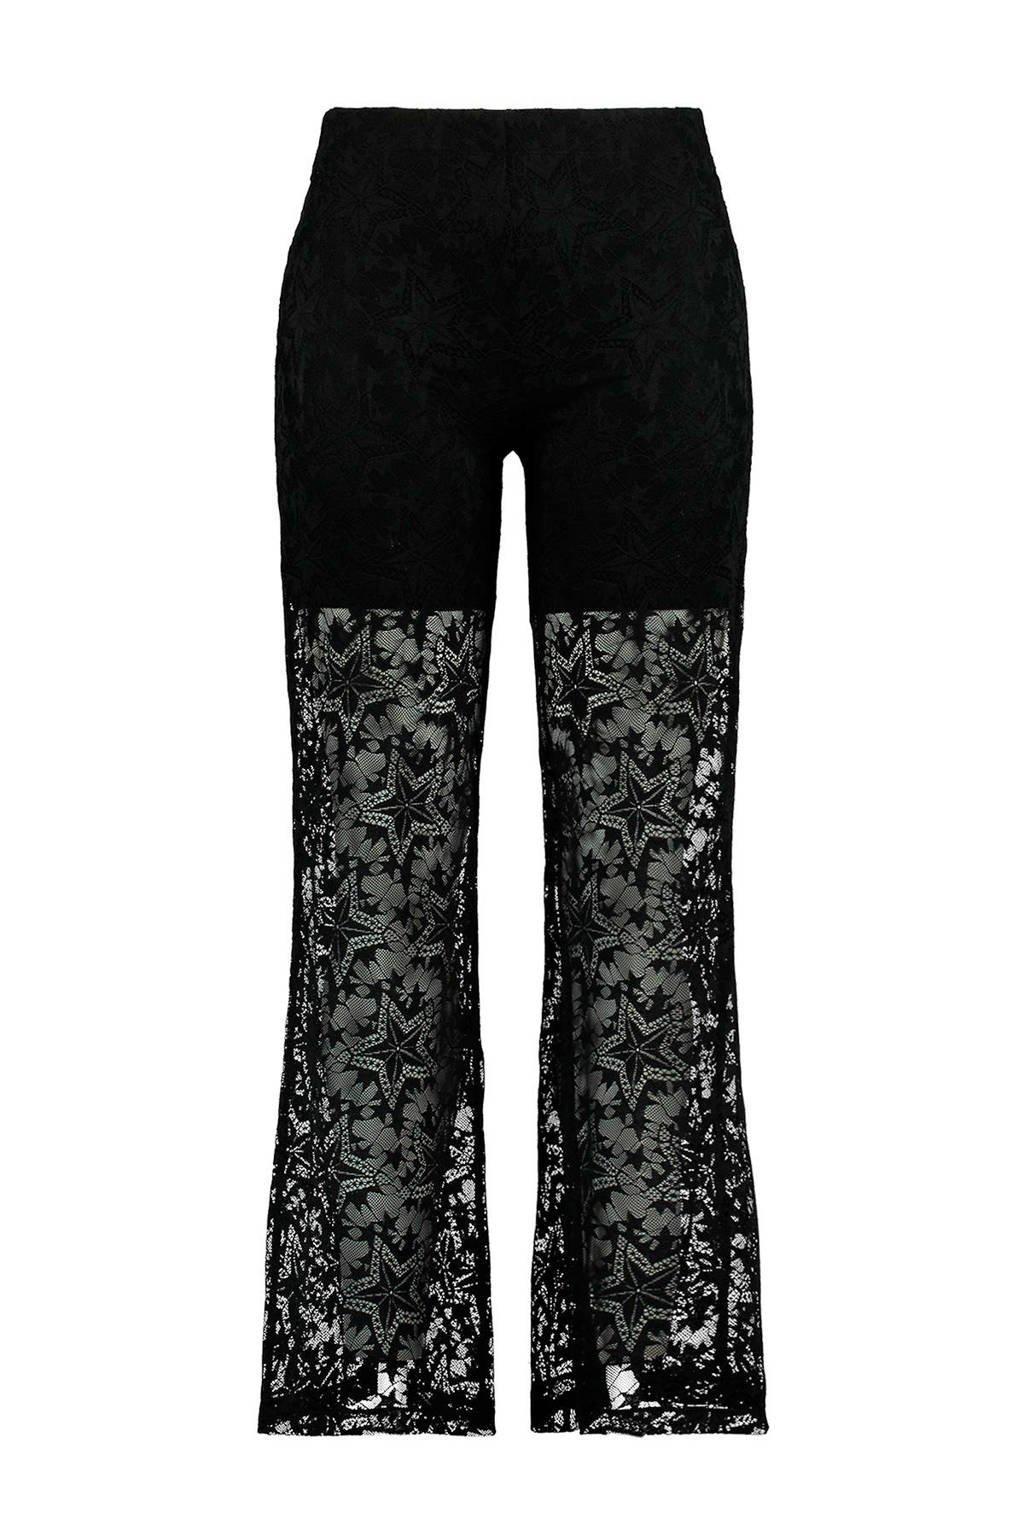 FSTVL by MS Mode flared broek zwart, Zwart